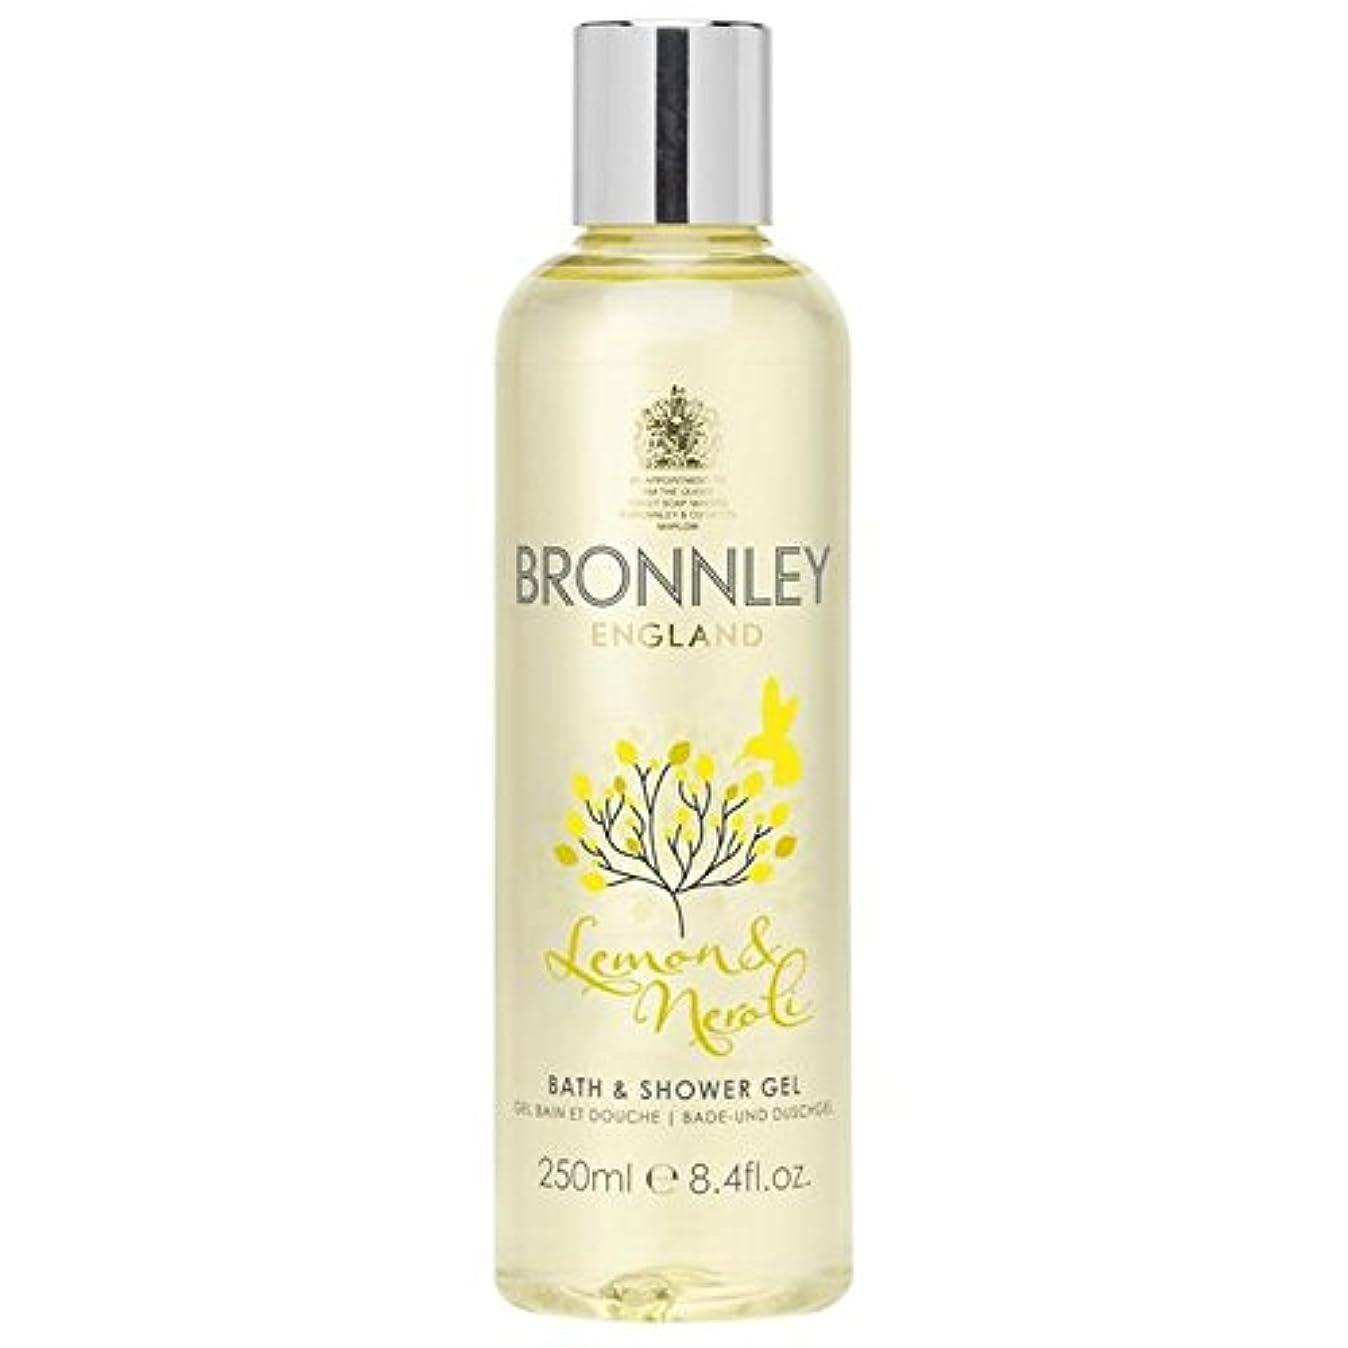 再生チャーター素敵なレモン&ネロリバス&シャワージェル250ミリリットル x4 - Bronnley Lemon & Neroli Bath & Shower Gel 250ml (Pack of 4) [並行輸入品]